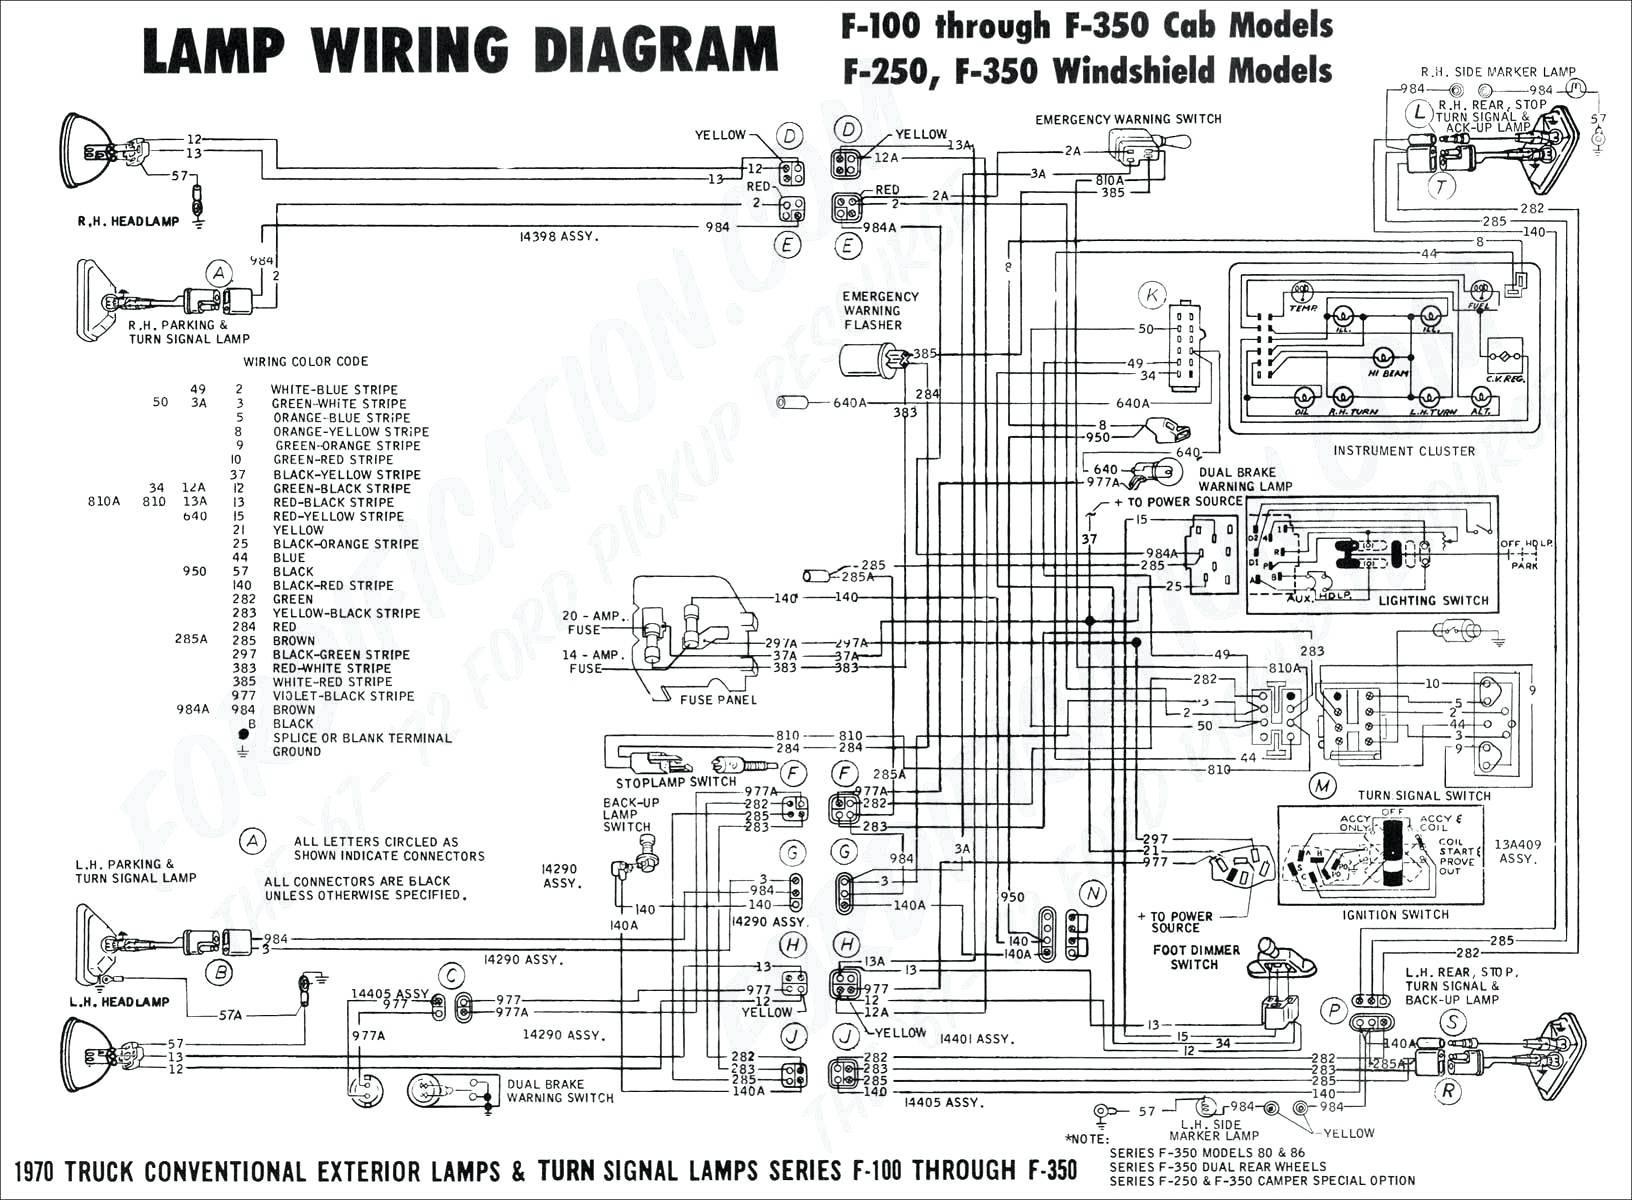 Wagon R Electric Diagram